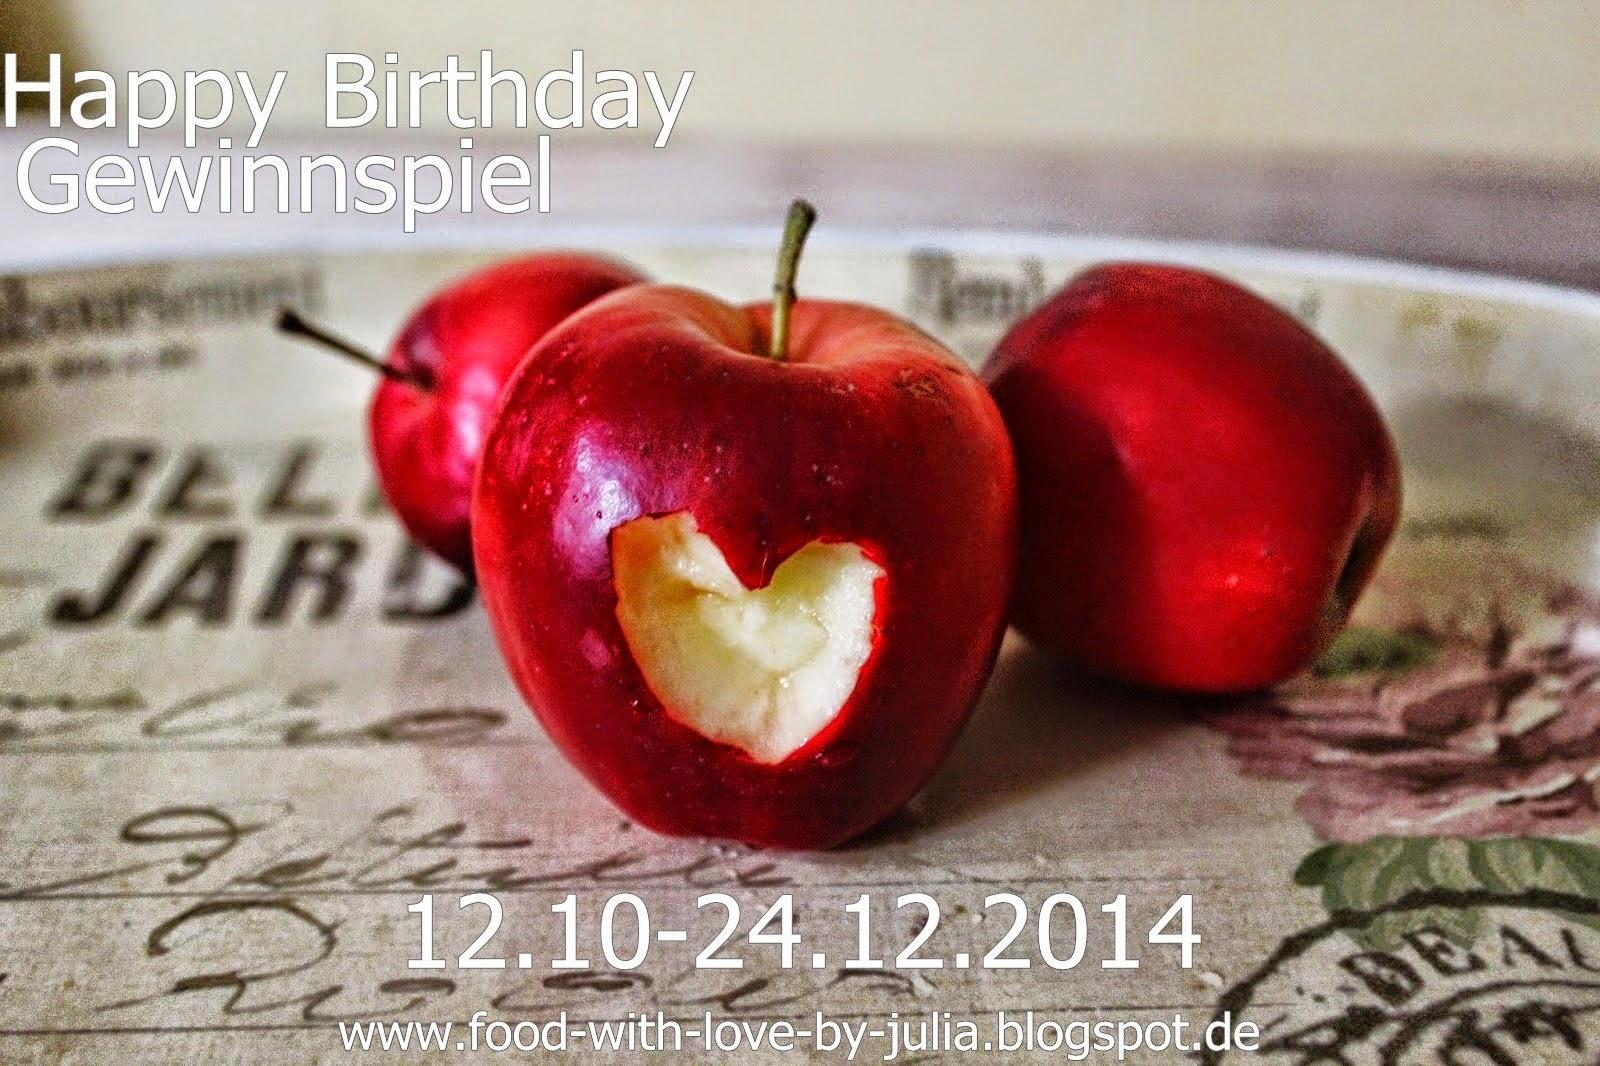 http://www.food-with-love-by-julia.blogspot.de/2014/10/1bloggeburtstaggewinnspiel.html